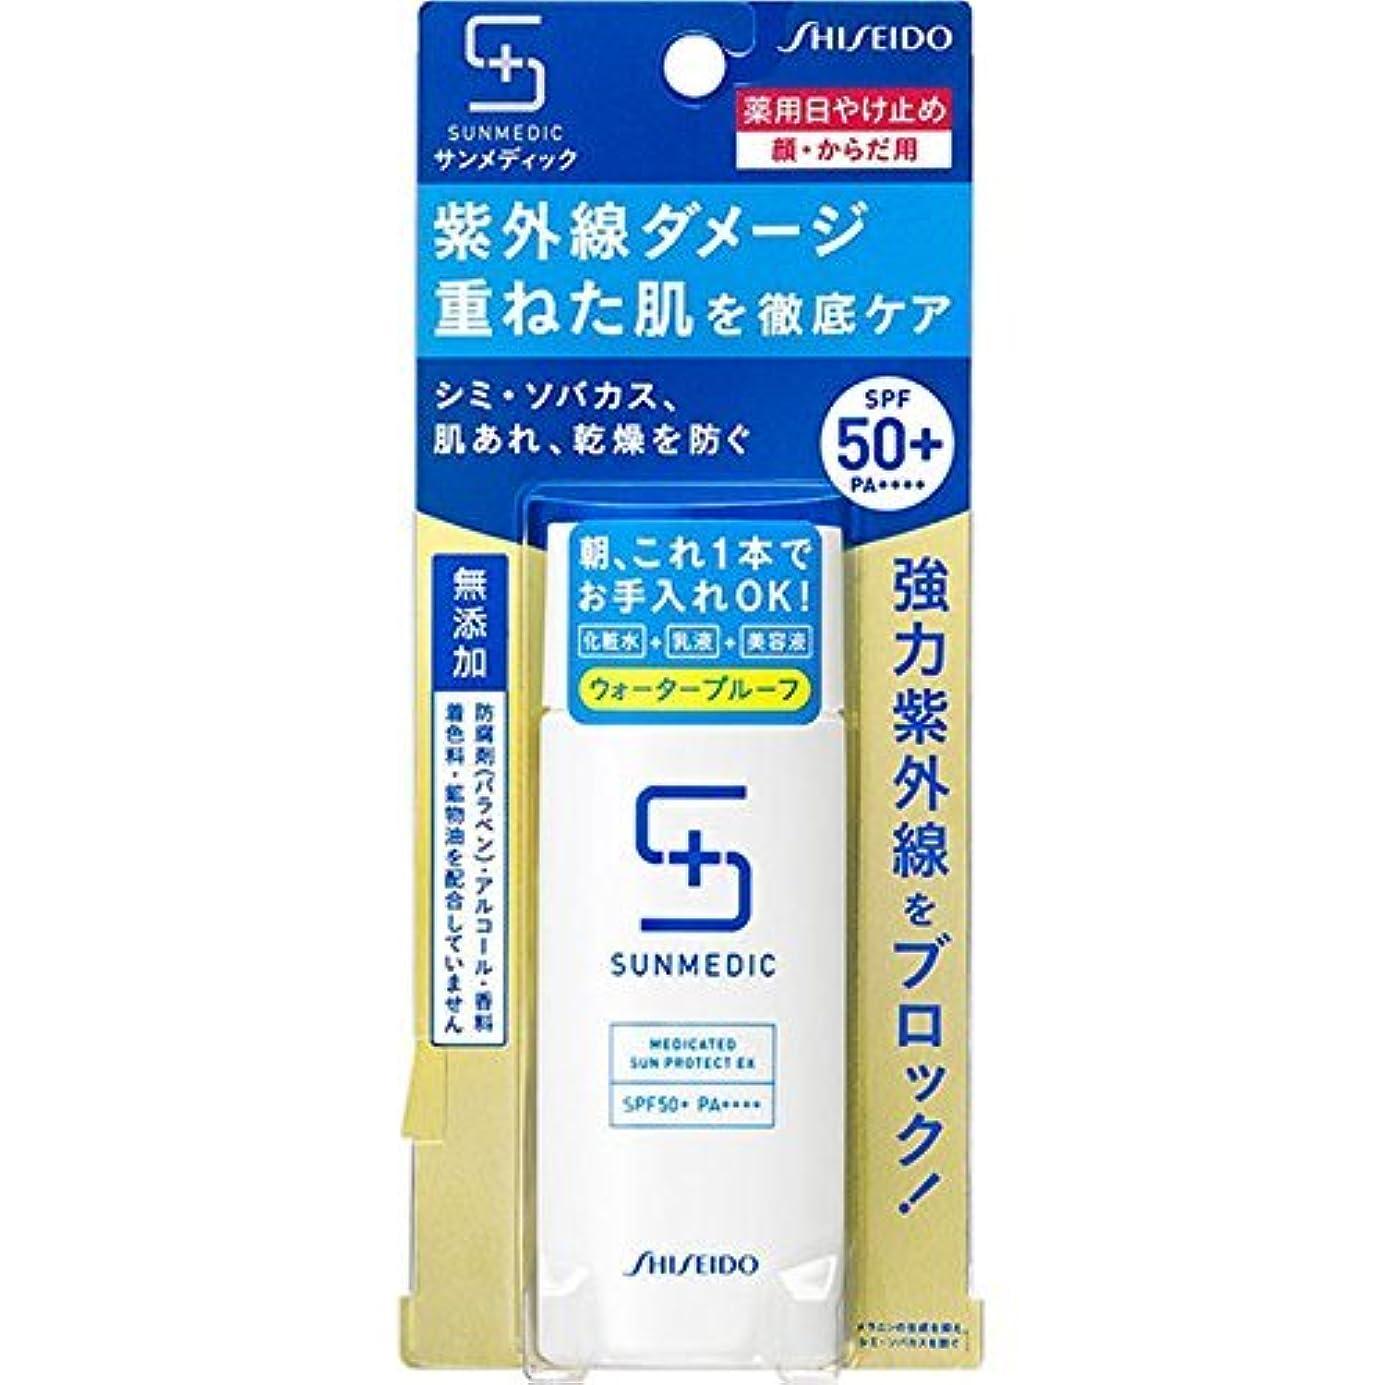 無オズワルド定説MK サンメディックUV 薬用サンプロテクトEX 50mL (医薬部外品)